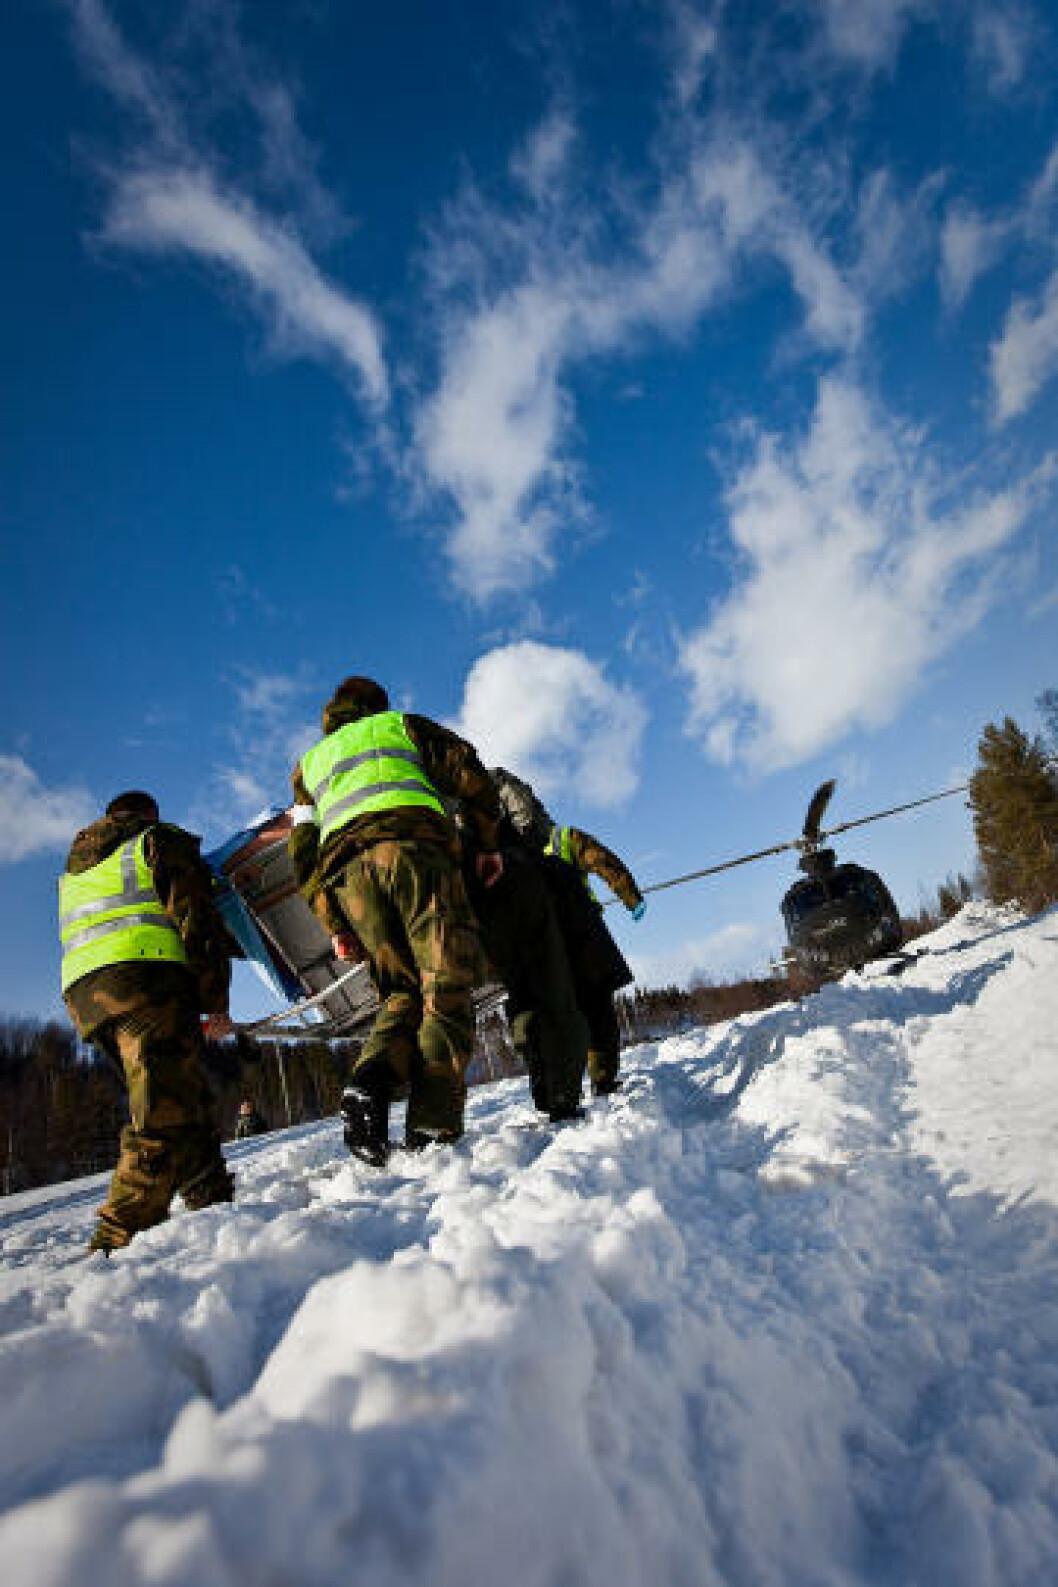 En markør bæres på båre til medevac-helikopter under sanitetsøvelse. Foto: Erik Drabløs/Forsvaret